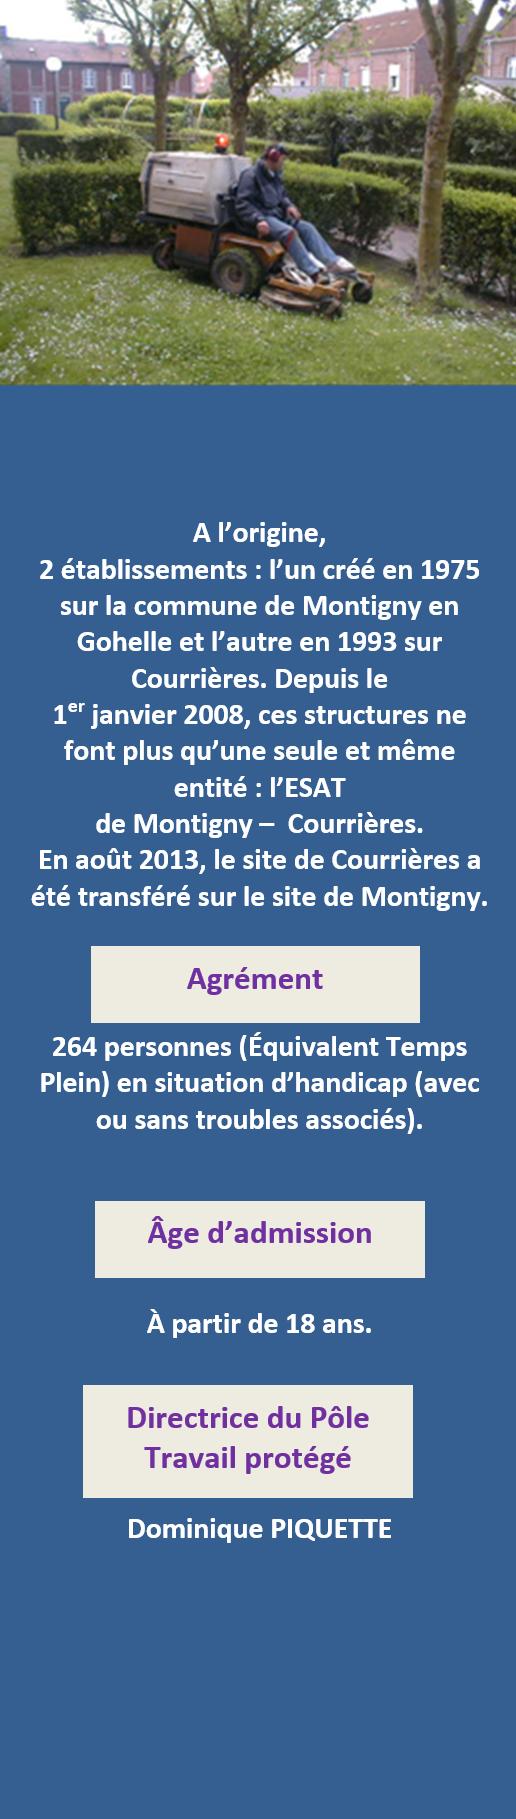 pr u00e9sentation de l u0026 39 esat montignyesat montigny